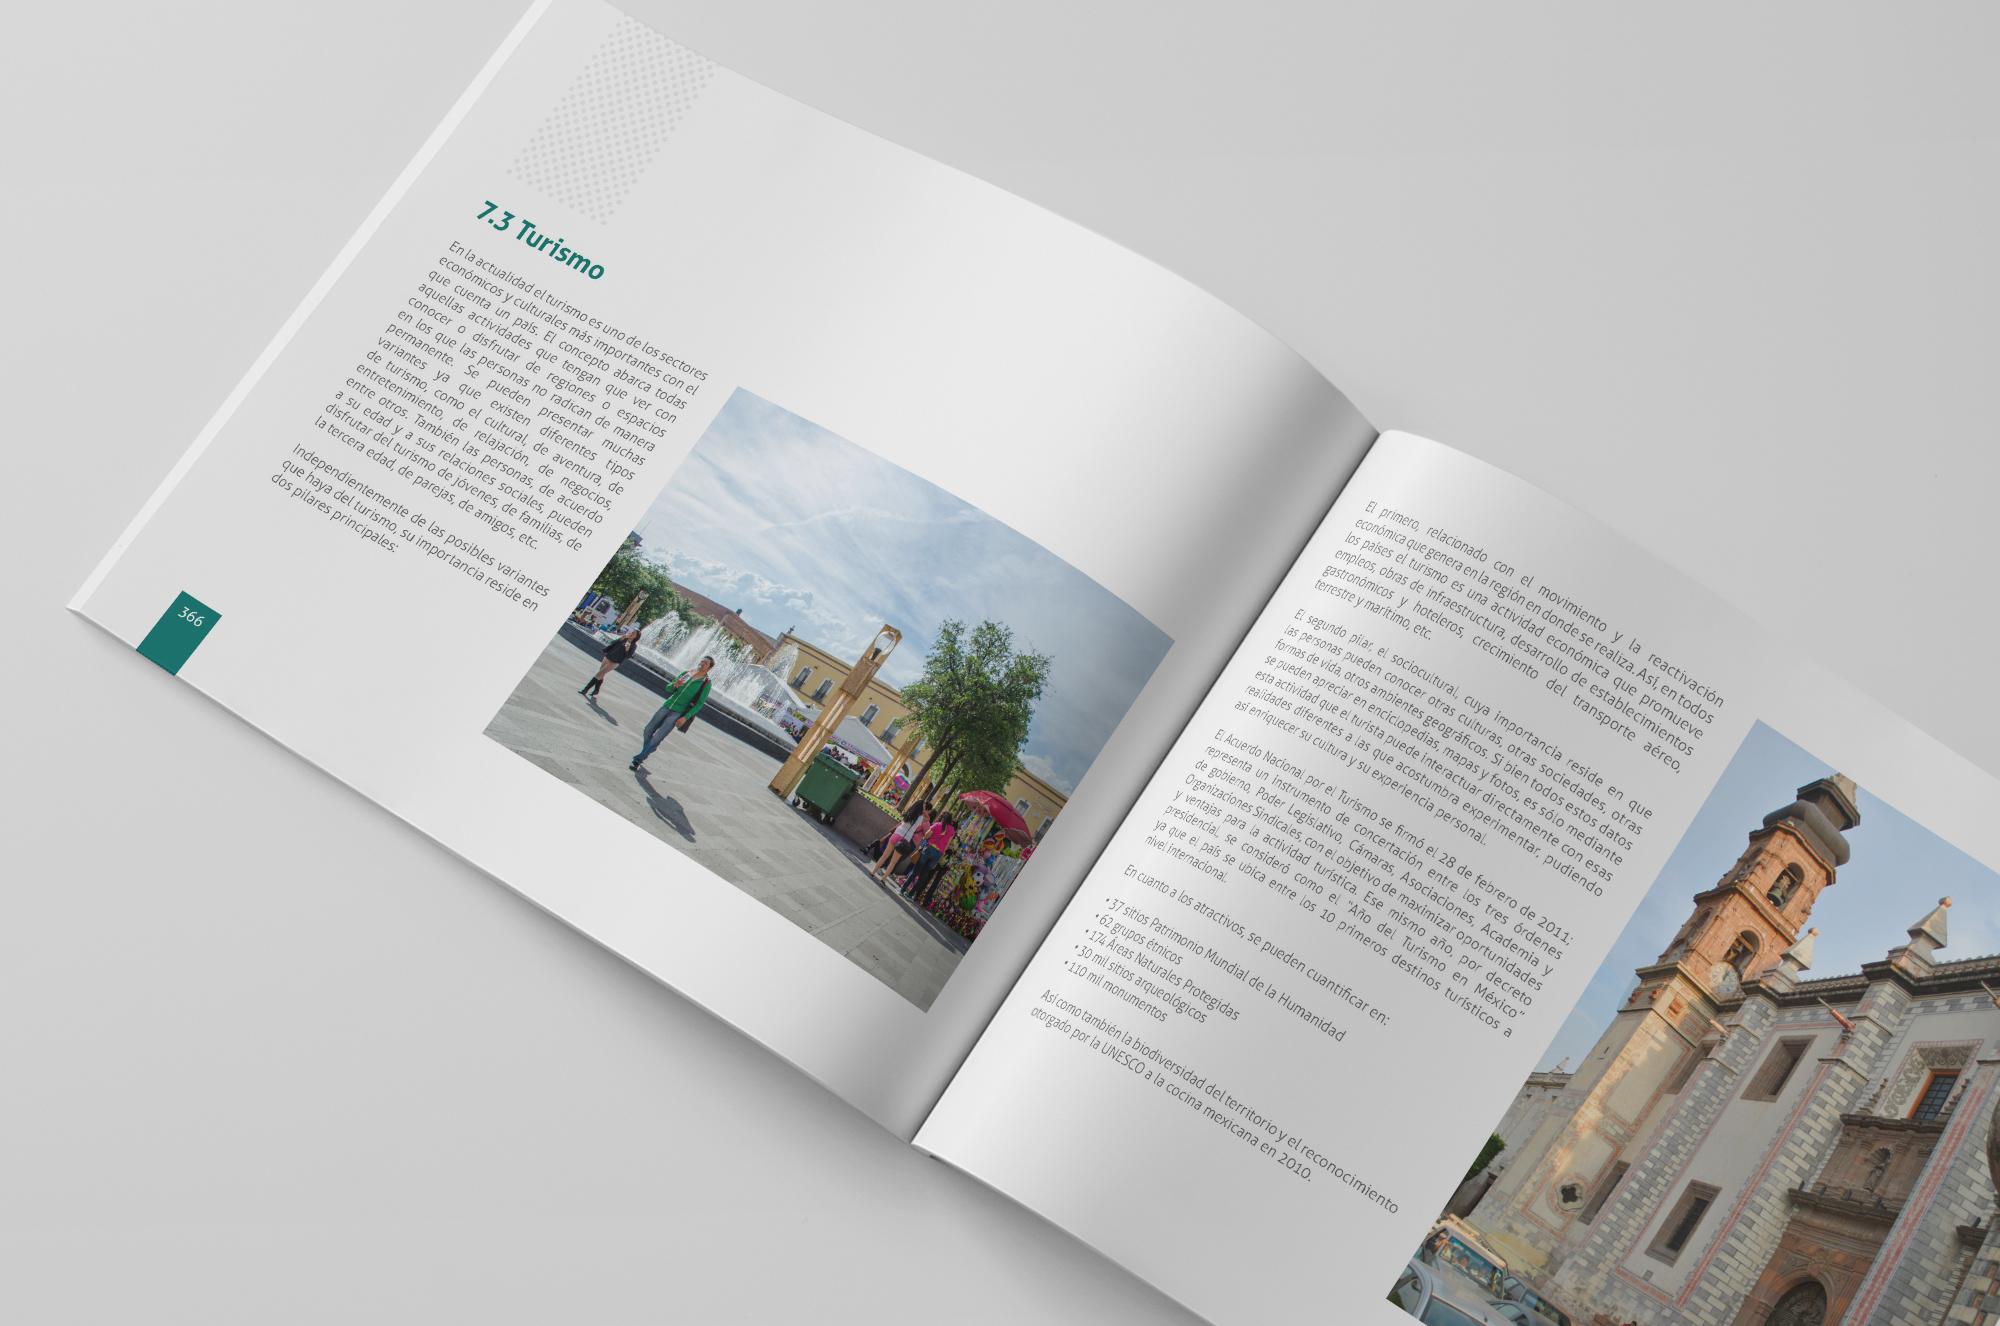 raniev-rod-alvarez-diseño-gráfico-queretaro-anuario-economico-municipal-queretaro-38